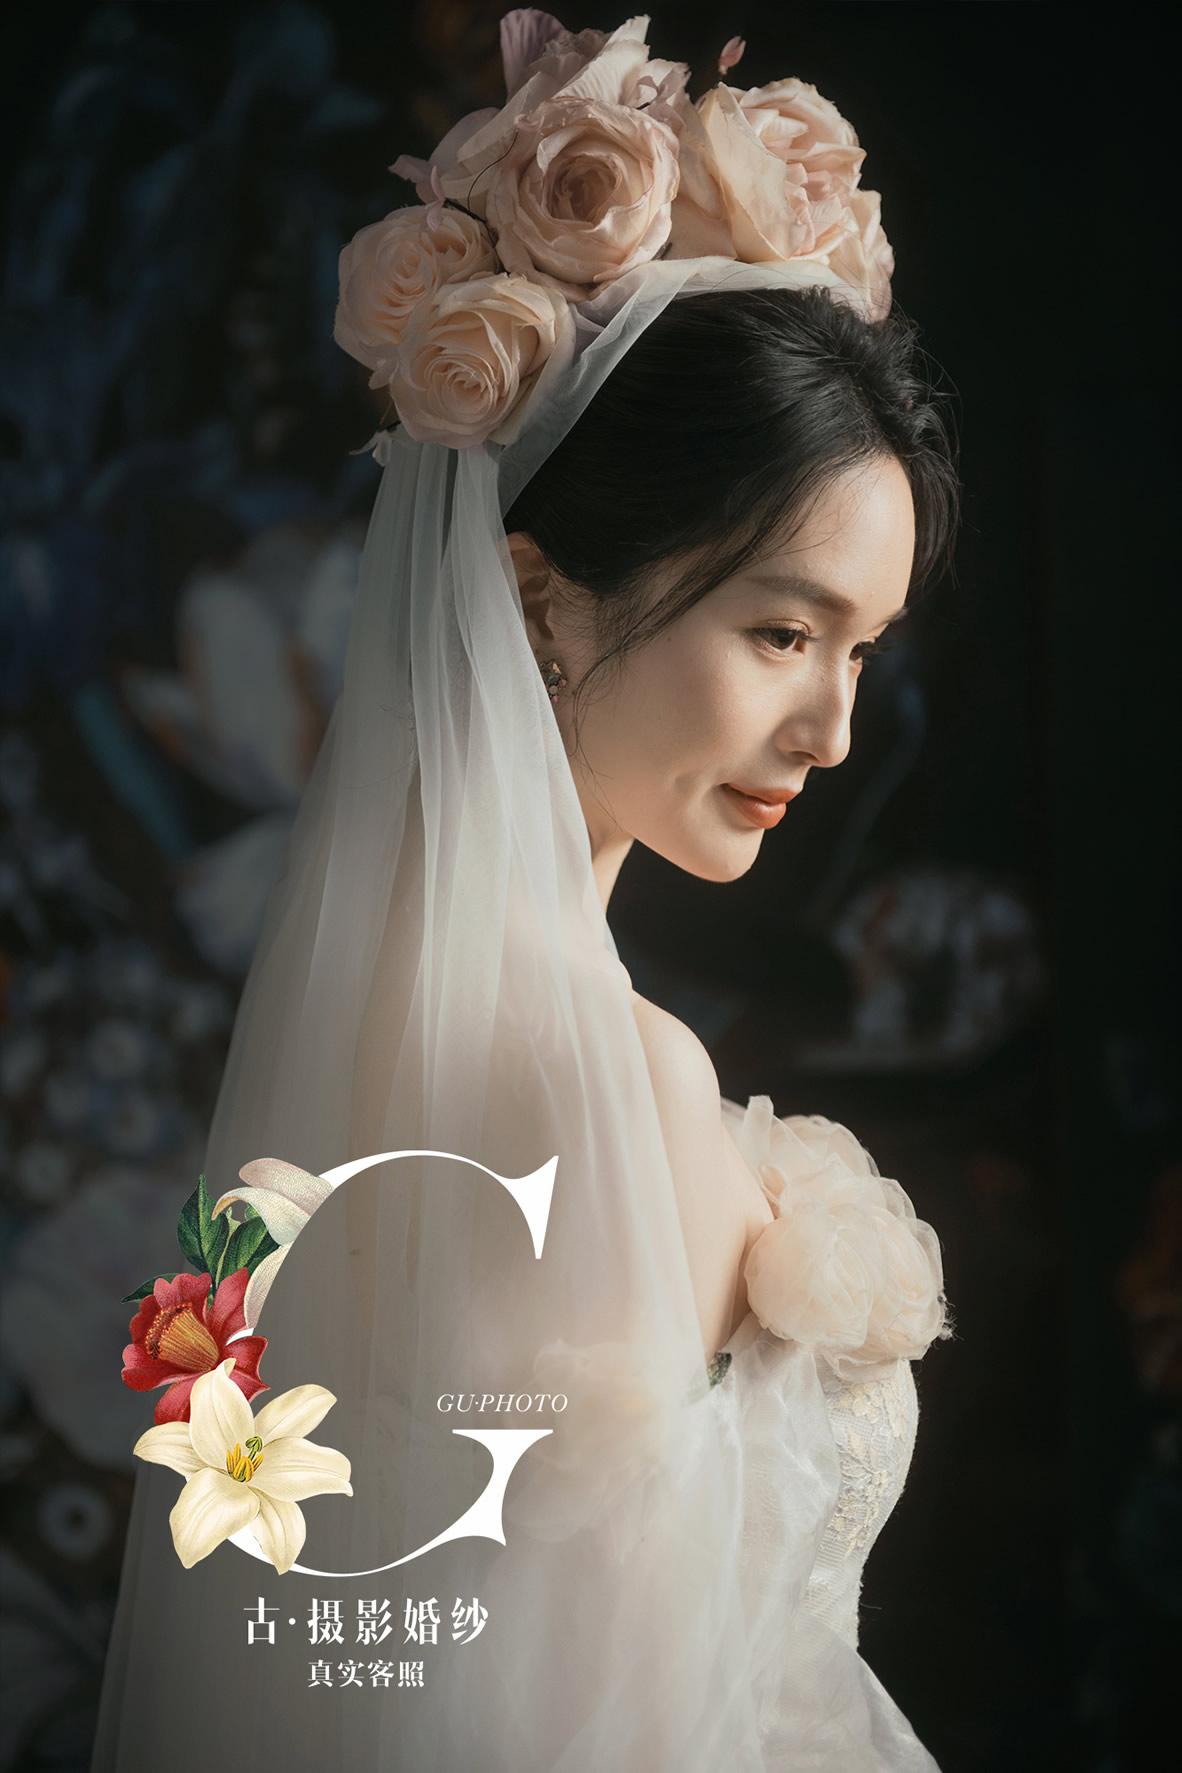 卢先生 尹小姐 - 每日客照 - 广州婚纱摄影-广州古摄影官网